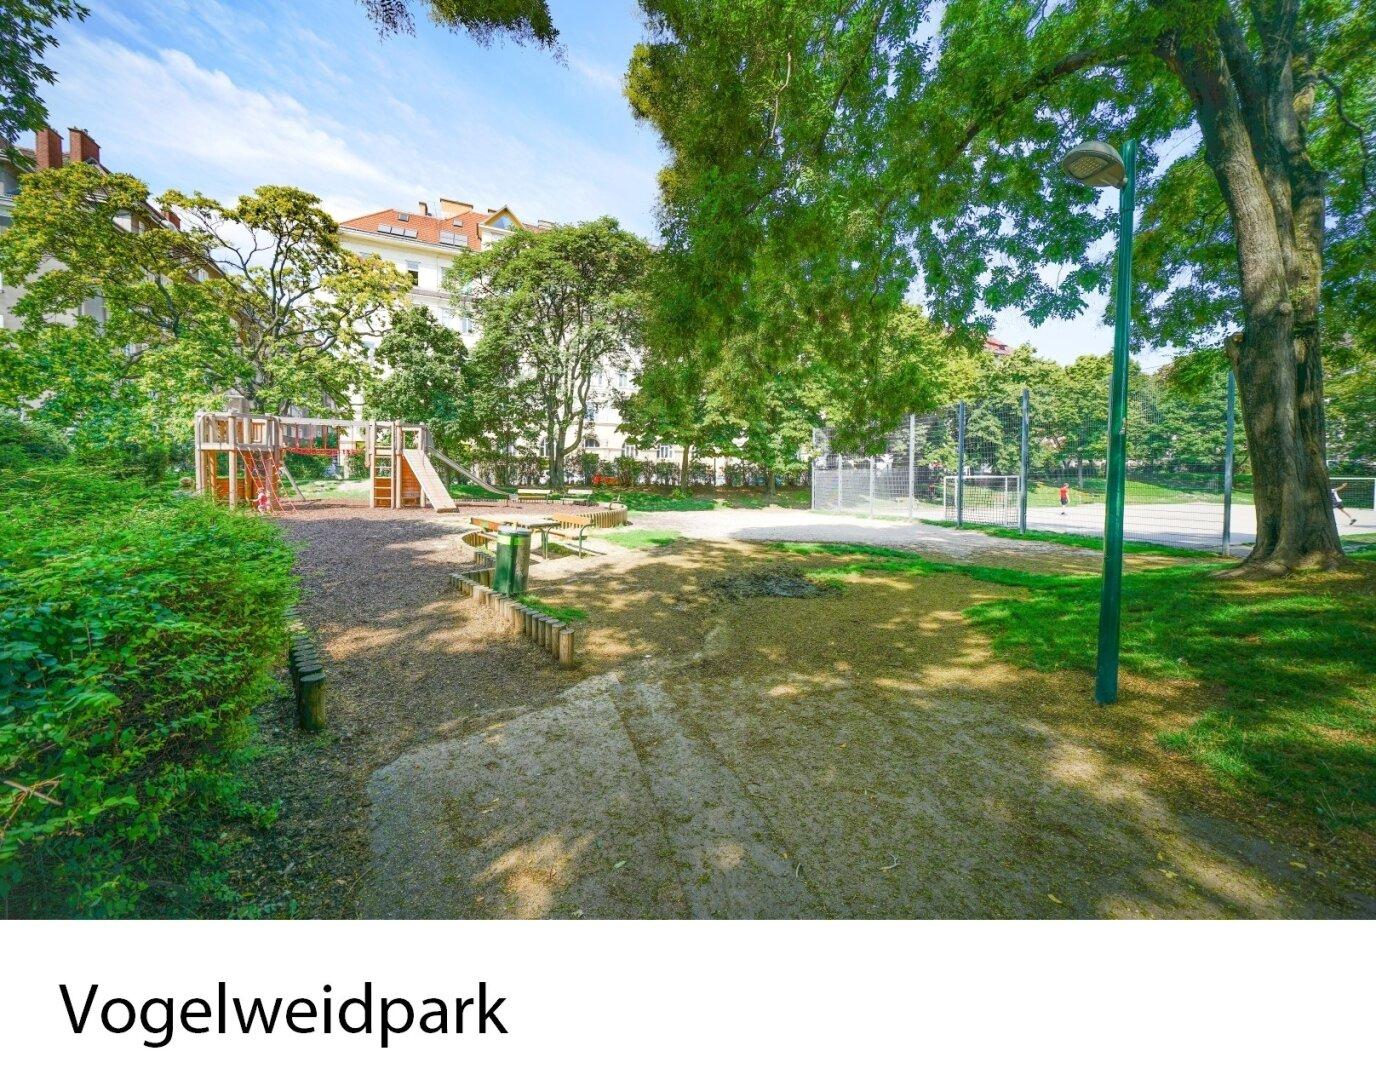 Vogelweidpark